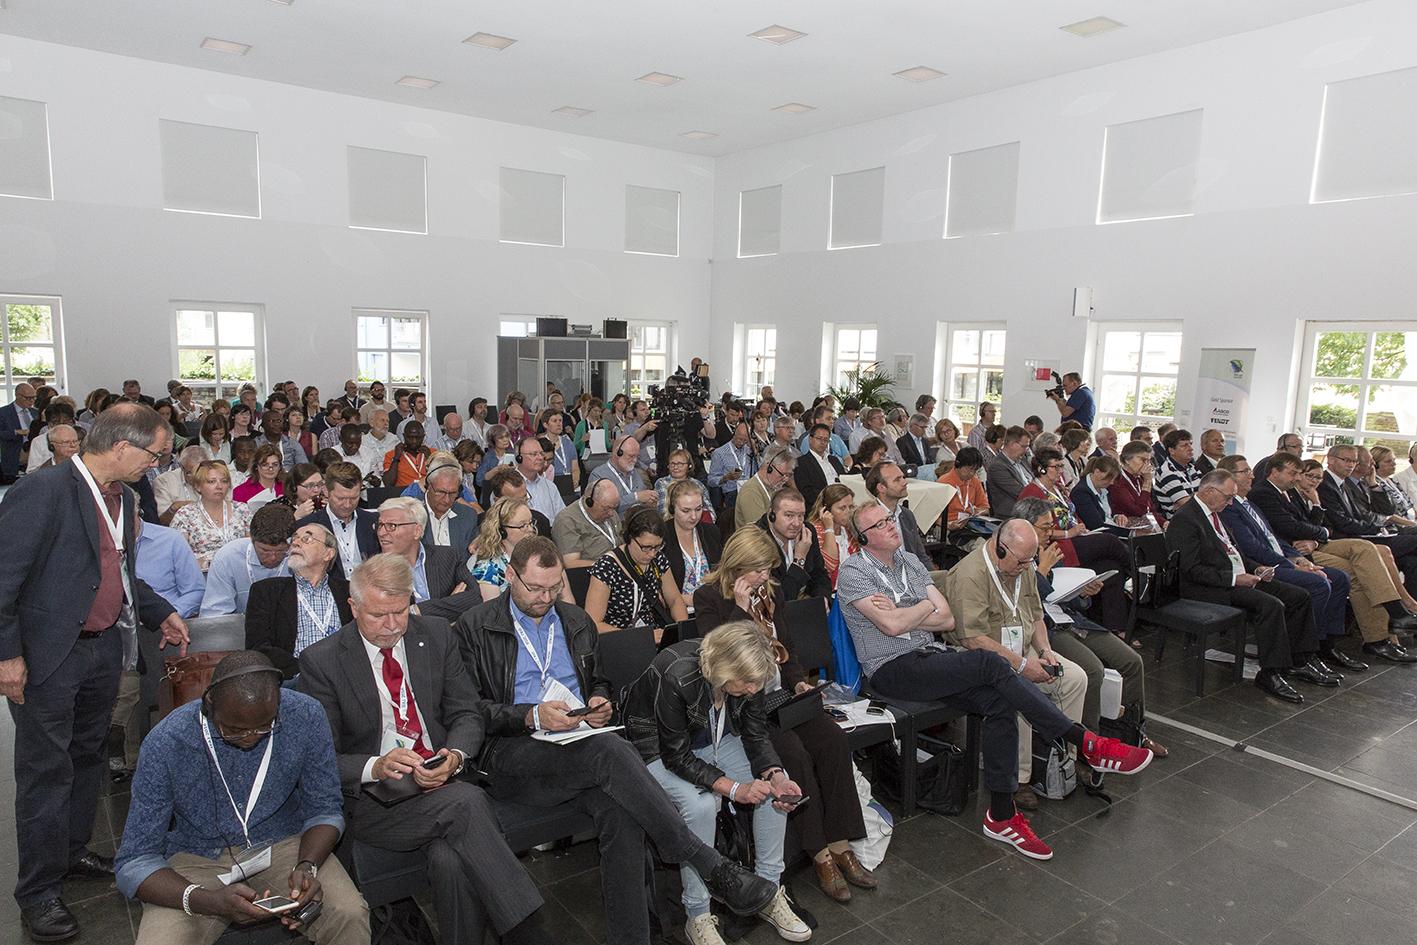 Her Er Næsten Alle Deltagere I IFAJ-kongres 2016 Samlet På Bonn's Universitet Forud For Delegeretmødet, Hvor Fire Lande Blev Optaget I IFAJ Og Et Land Blev Tilknyttet Medlem.